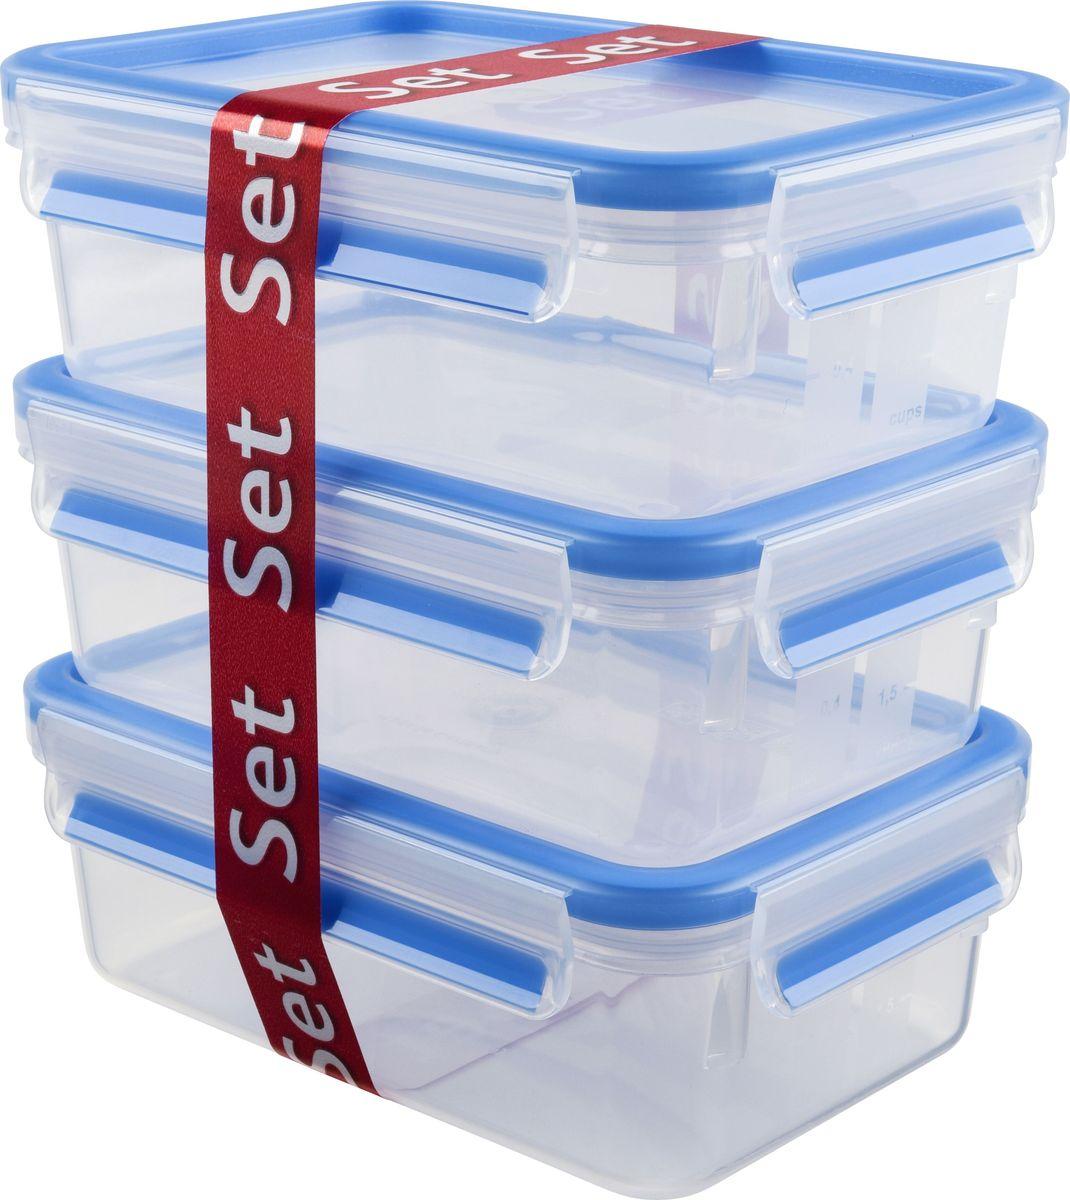 Набор контейнеров Emsa Clip&Close, 1 л, 3 шт508558Набор контейнеров Emsa Clip&Close изготовлен из высококачественного антибактериального пищевого пластика, имеющего сертификат BPA-free, который выдерживает температуру от -40°С до +110° С, не впитывает запахи и не изменяет цвет. Это абсолютно гигиеничный продукт, который подходит для хранения даже детского питания. 100% герметичность - идеально не только для хранения, но и для транспортировки пищи. Герметичность достигается за счет специальных силиконовых прослоек, которые позволяют использовать контейнер для хранения не только пищи, но и жидкости. В таком контейнере продукты долгое время сохраняют свою свежесть - до 4-х раз дольше по сравнению с обычными, в том числе и вакуумными контейнерами. 100% гигиеничность - уникальная технология применения медицинского силикона в уплотнителе крышки: никаких полостей - никаких микробов. Изделие снабжено крышкой, плотно закрывающейся на 4 защелки. 100% удобство - прозрачные стенки позволяют просматривать...